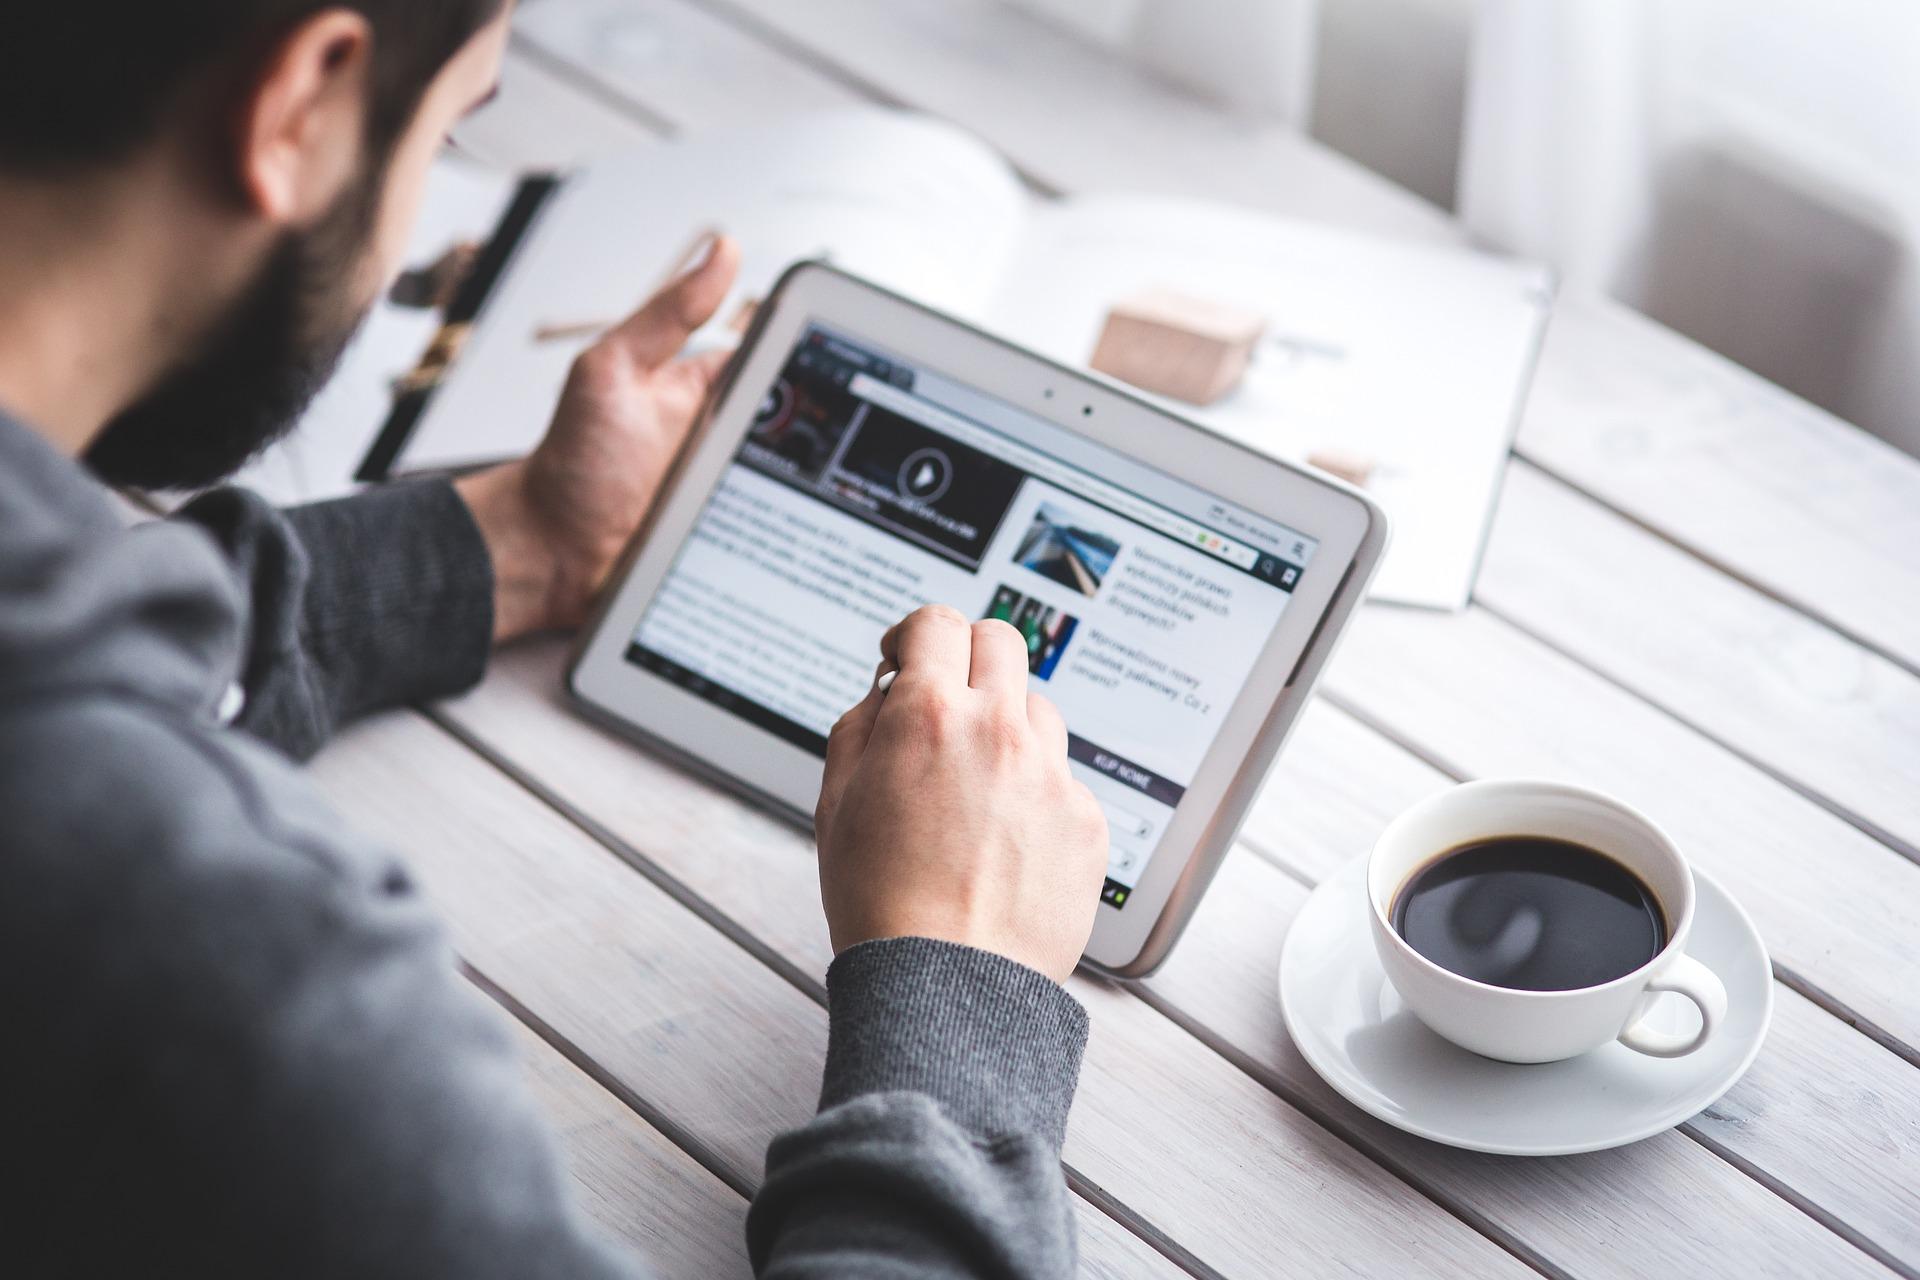 デジタルマーケティングって一体どんな手法?Webマーケティングとの違いから解説。